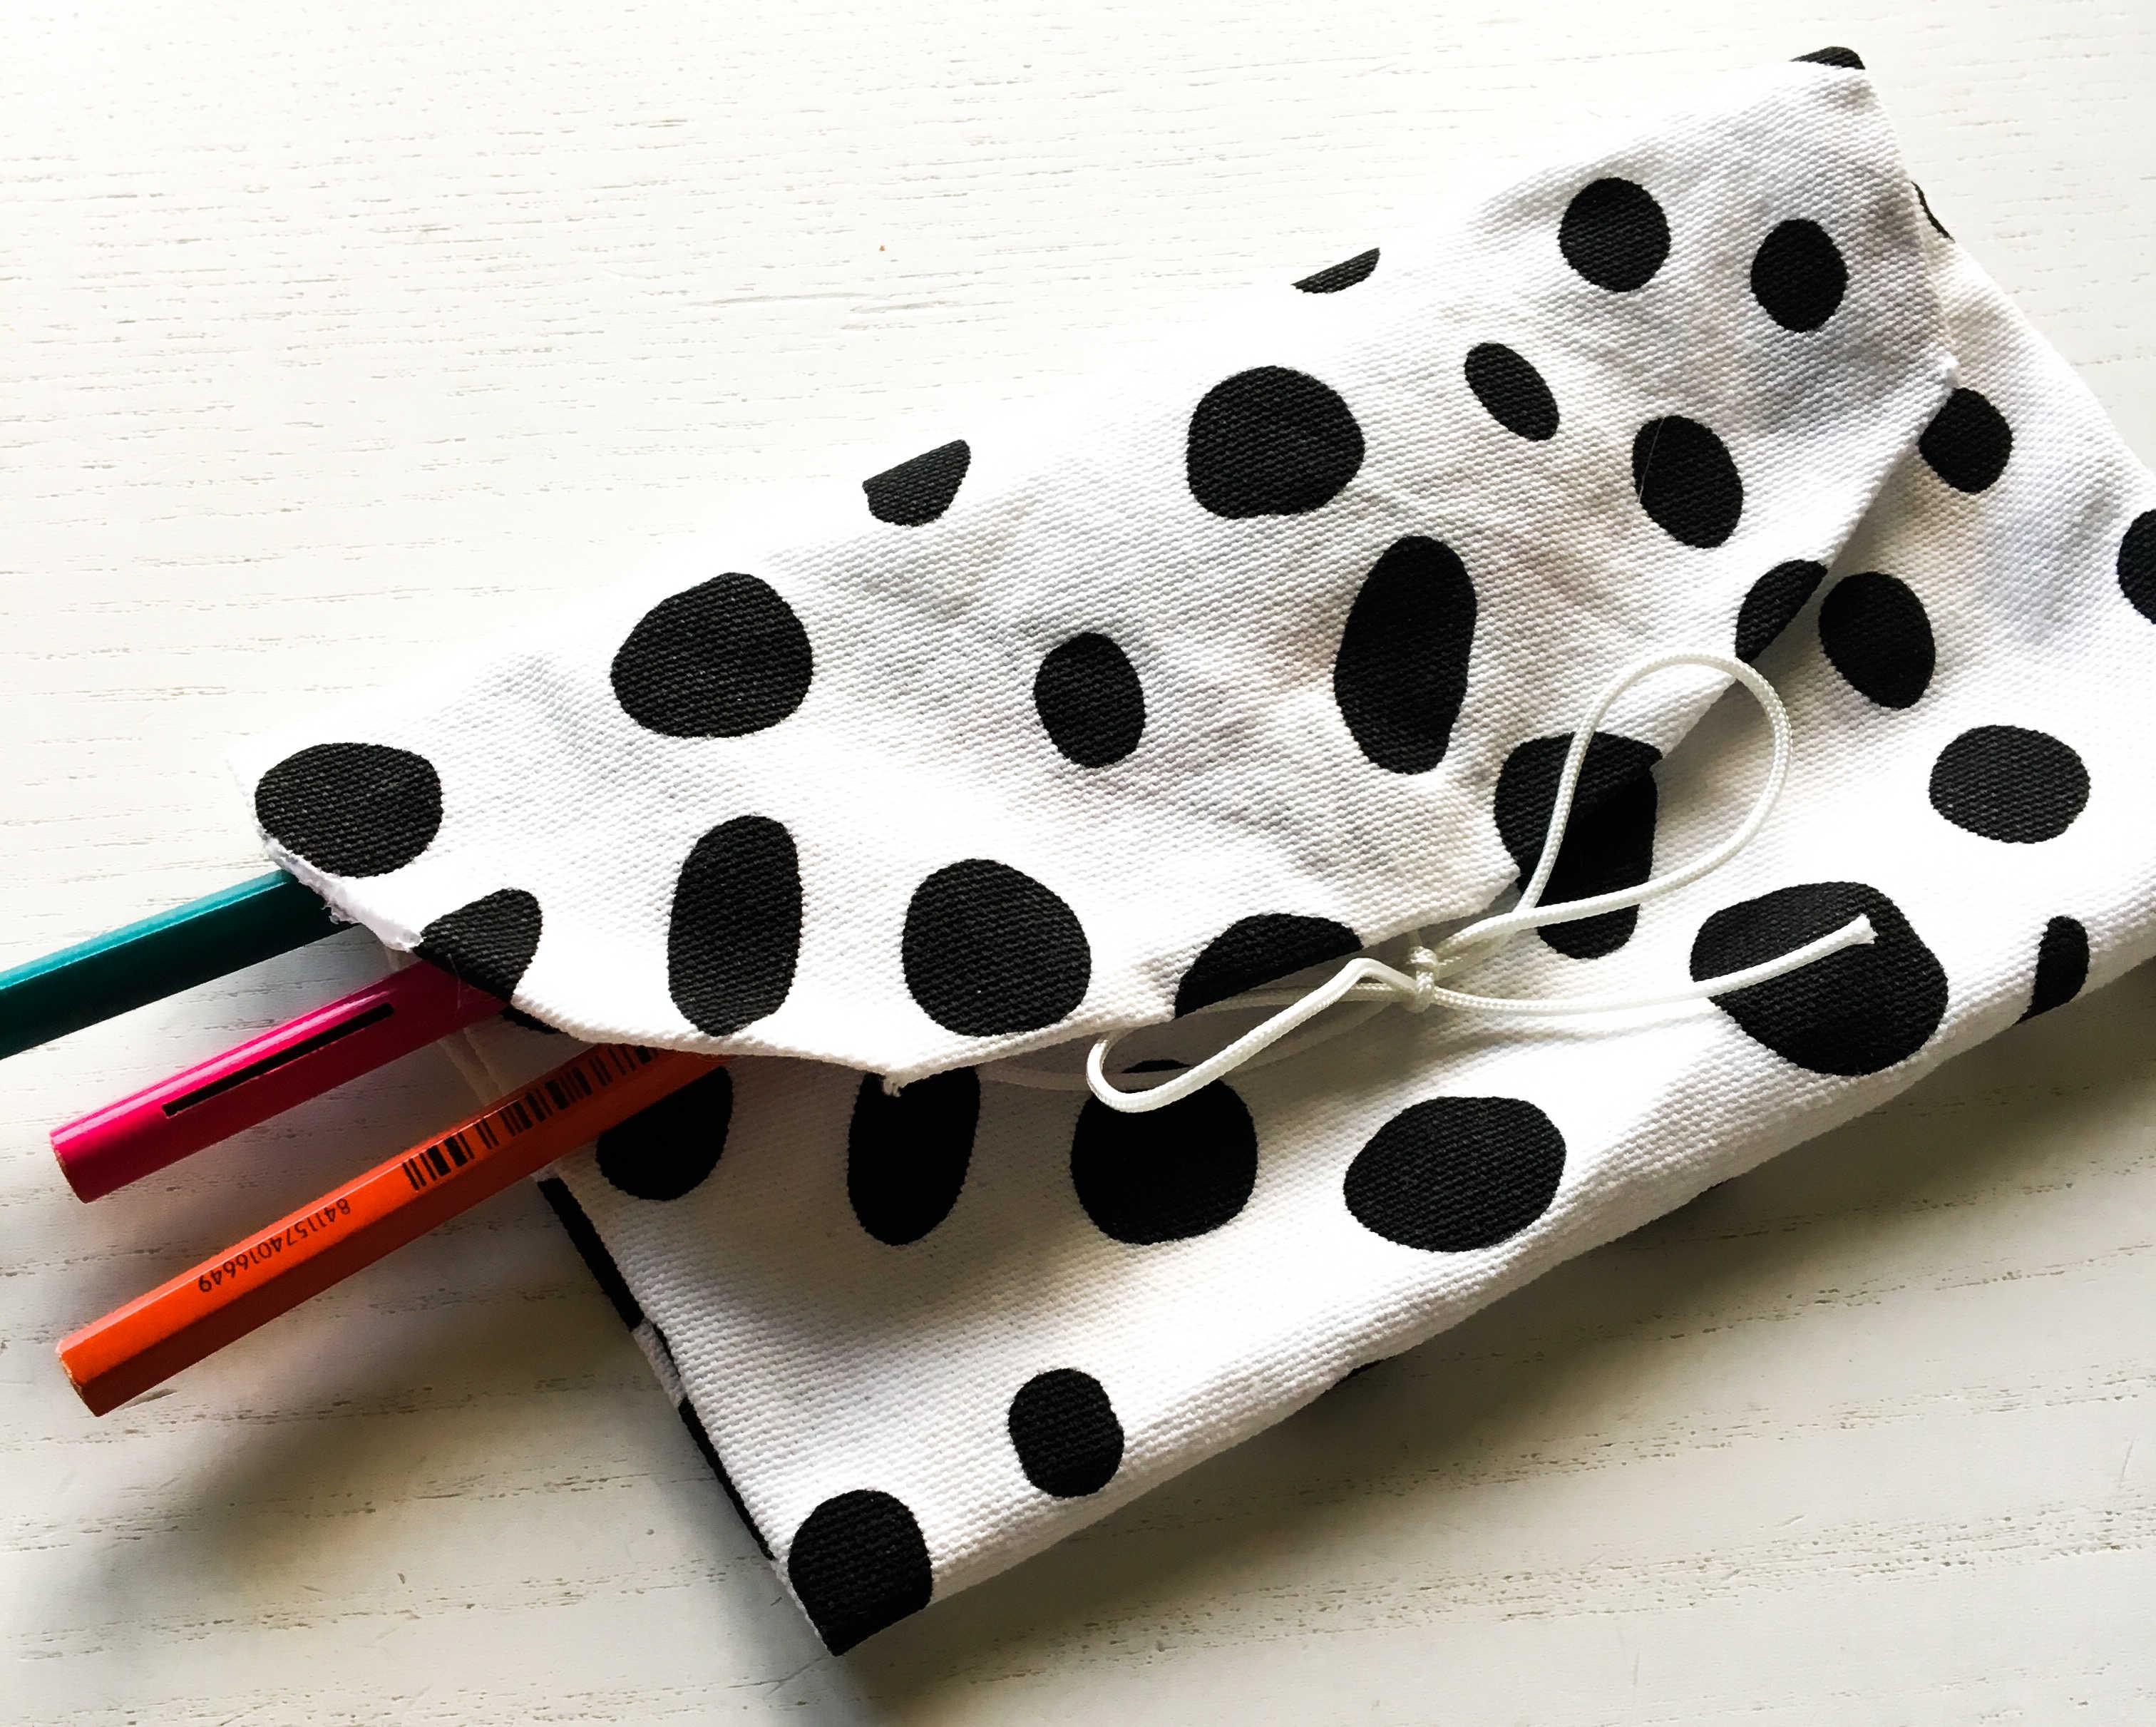 Gör hösten roligare med lite kreativt skolpyssel